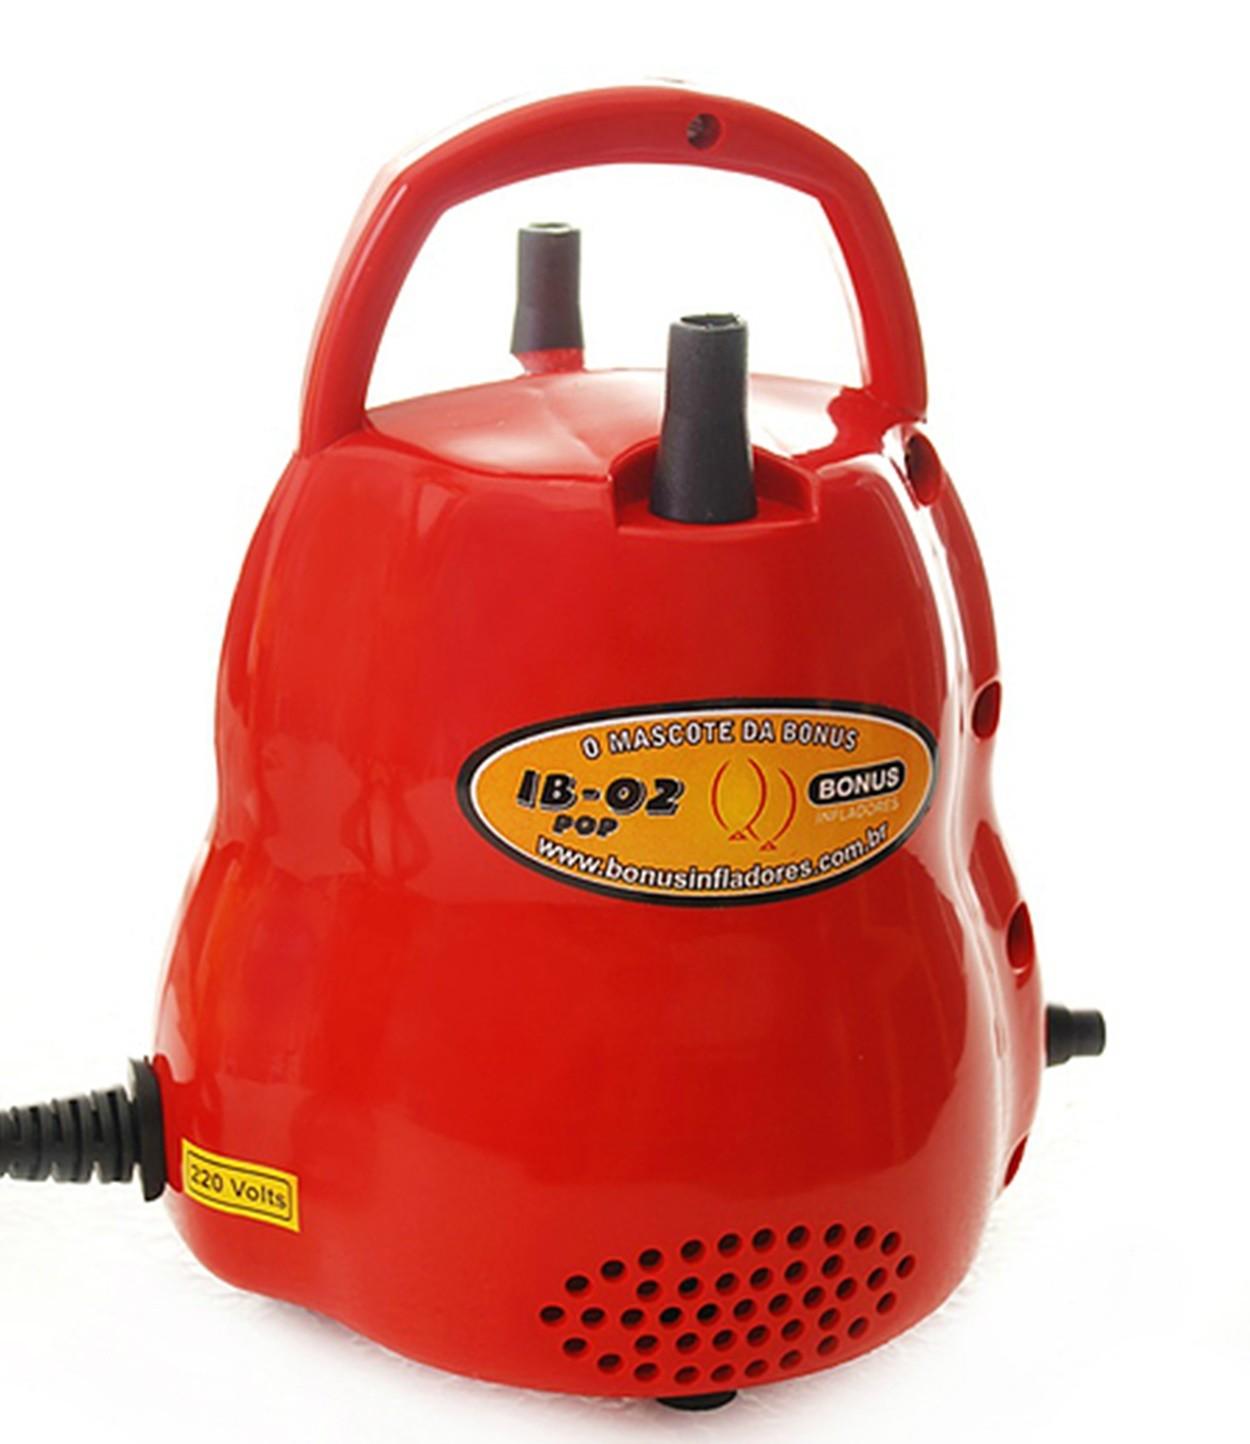 Inflador Compressor  Profissional De Balão Bexiga Canudo 2 Bicos - Bonus Inflado (Vermelho 110v)